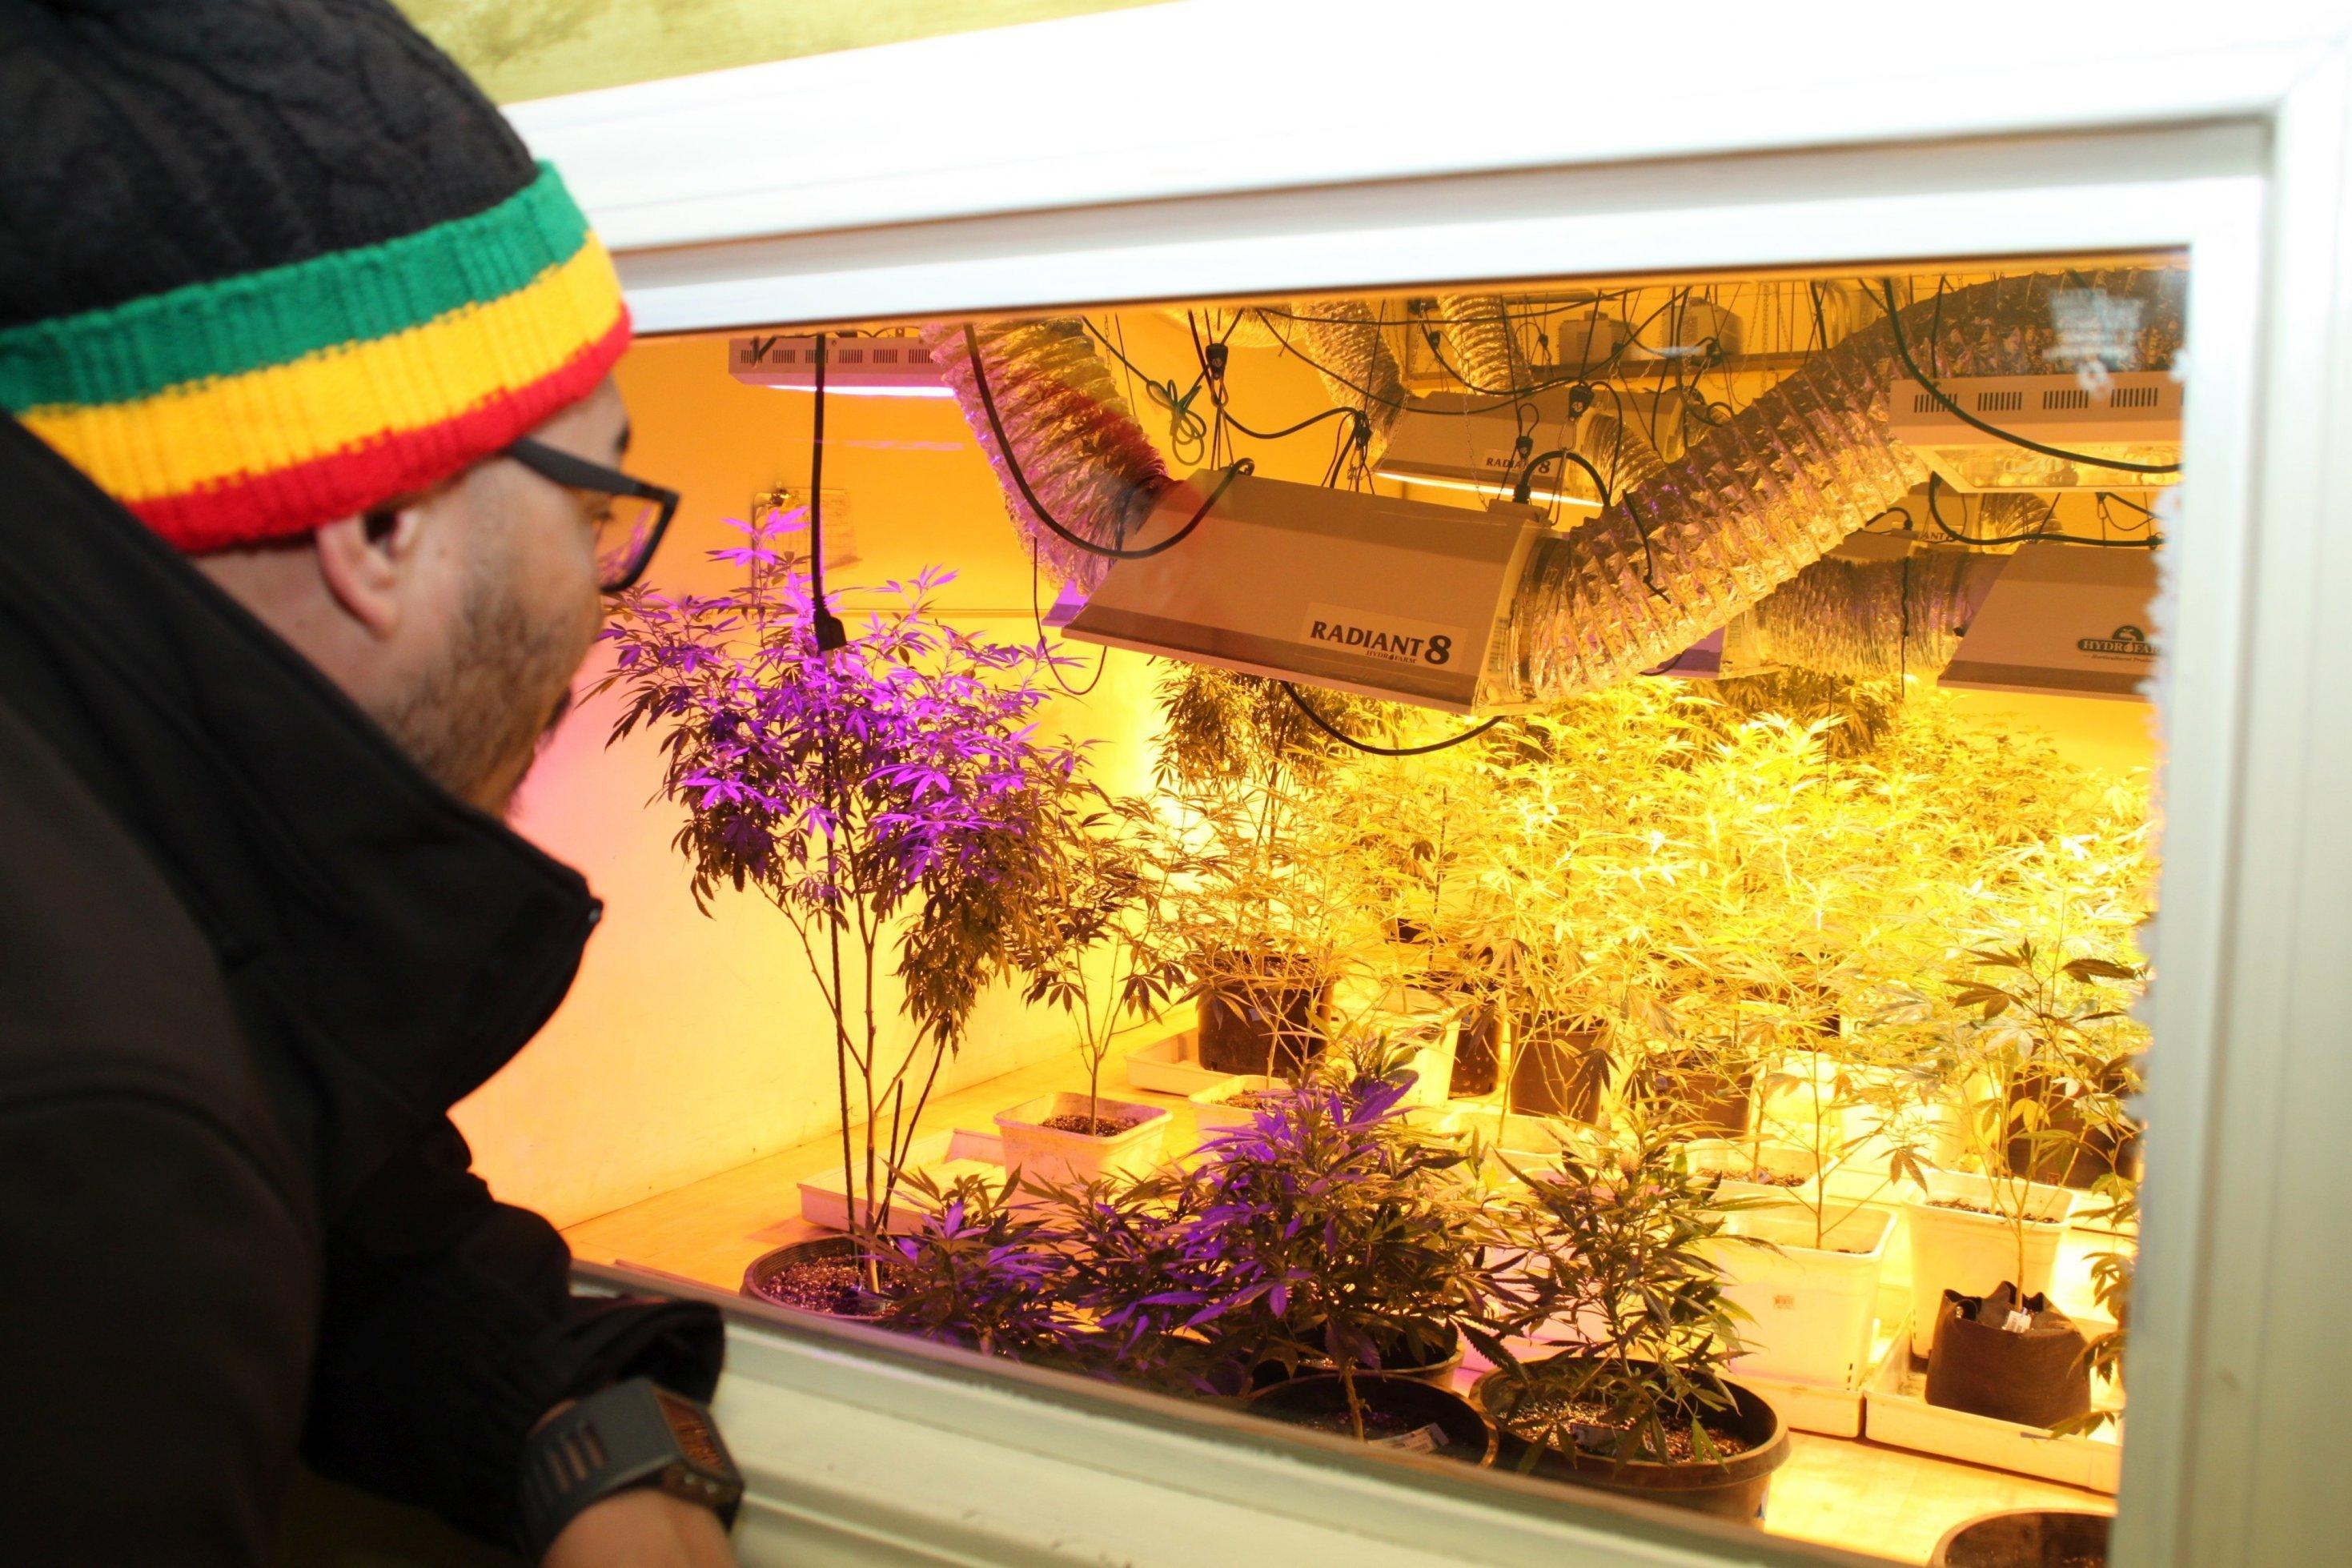 Ein Mann blickt durchs Fenster. Dahinter blüht Cannabis.